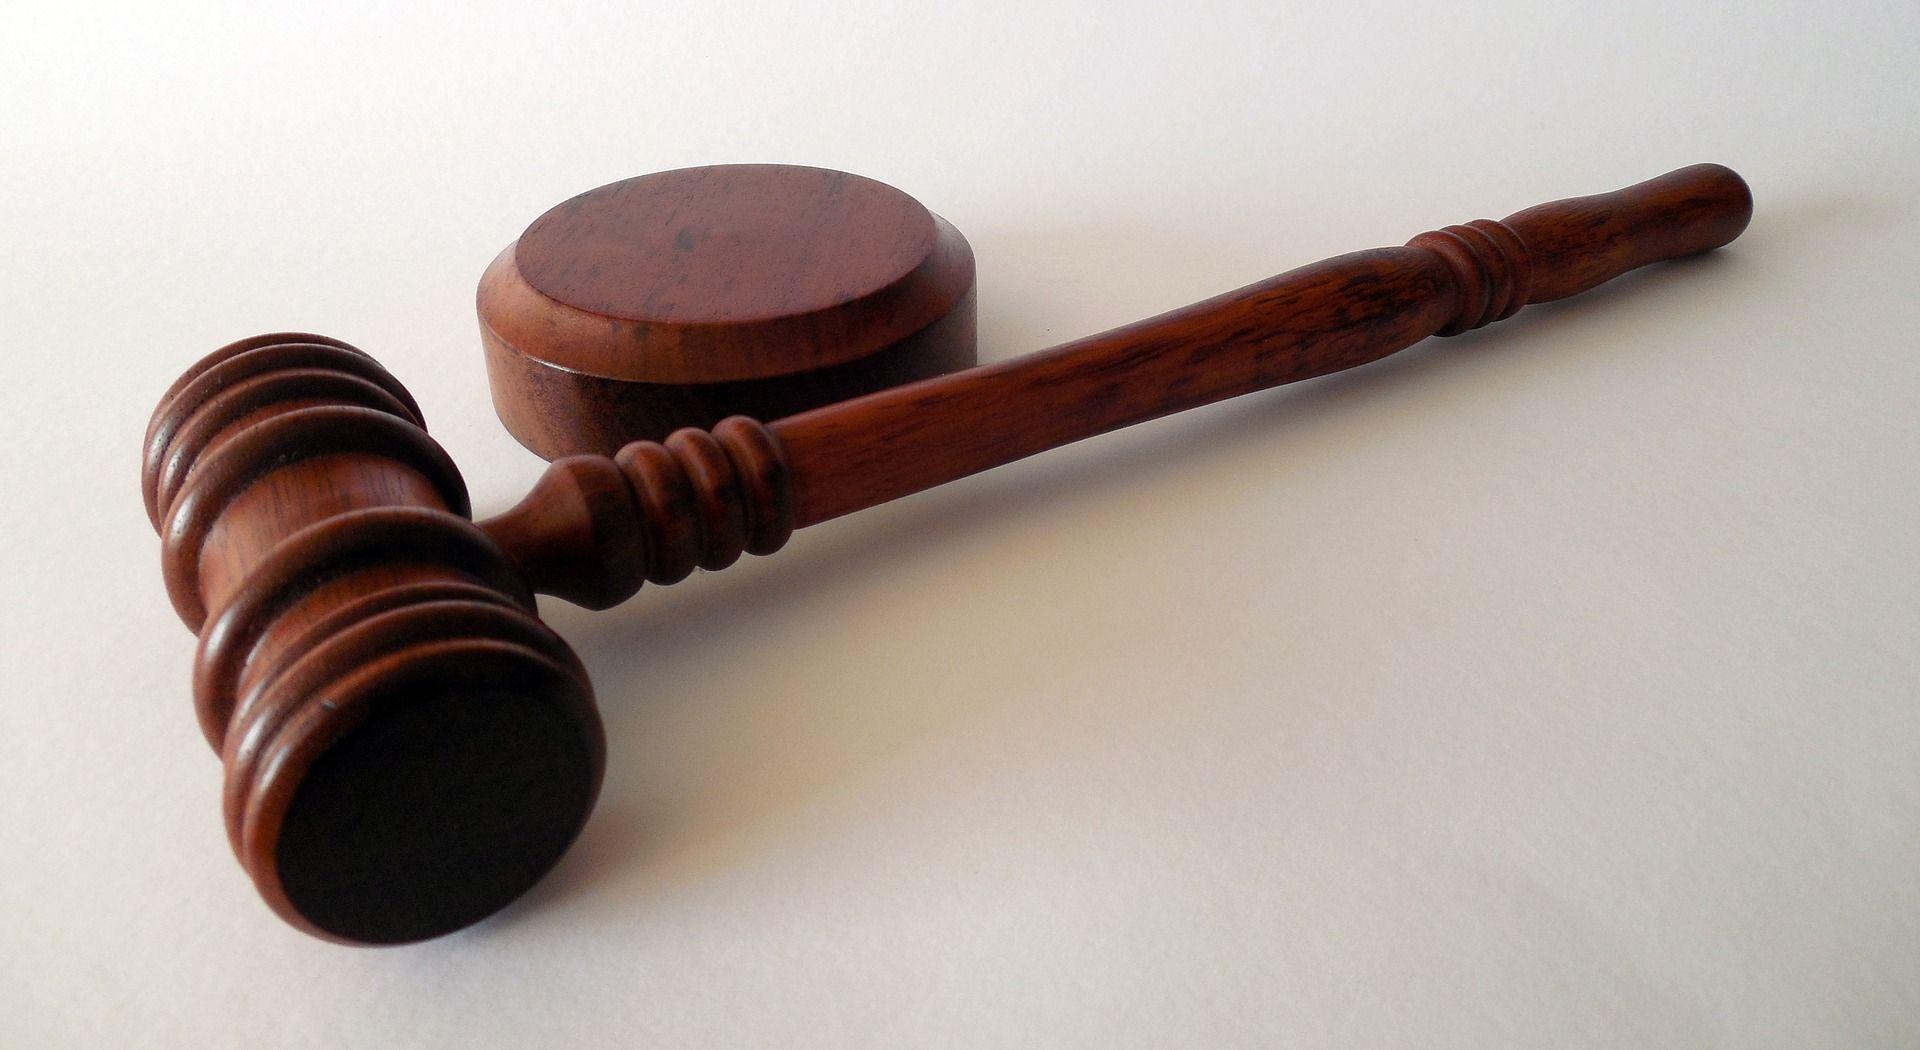 Za ubojstvo nevjenčane supruge nepravomoćno osuđen na 18 godina